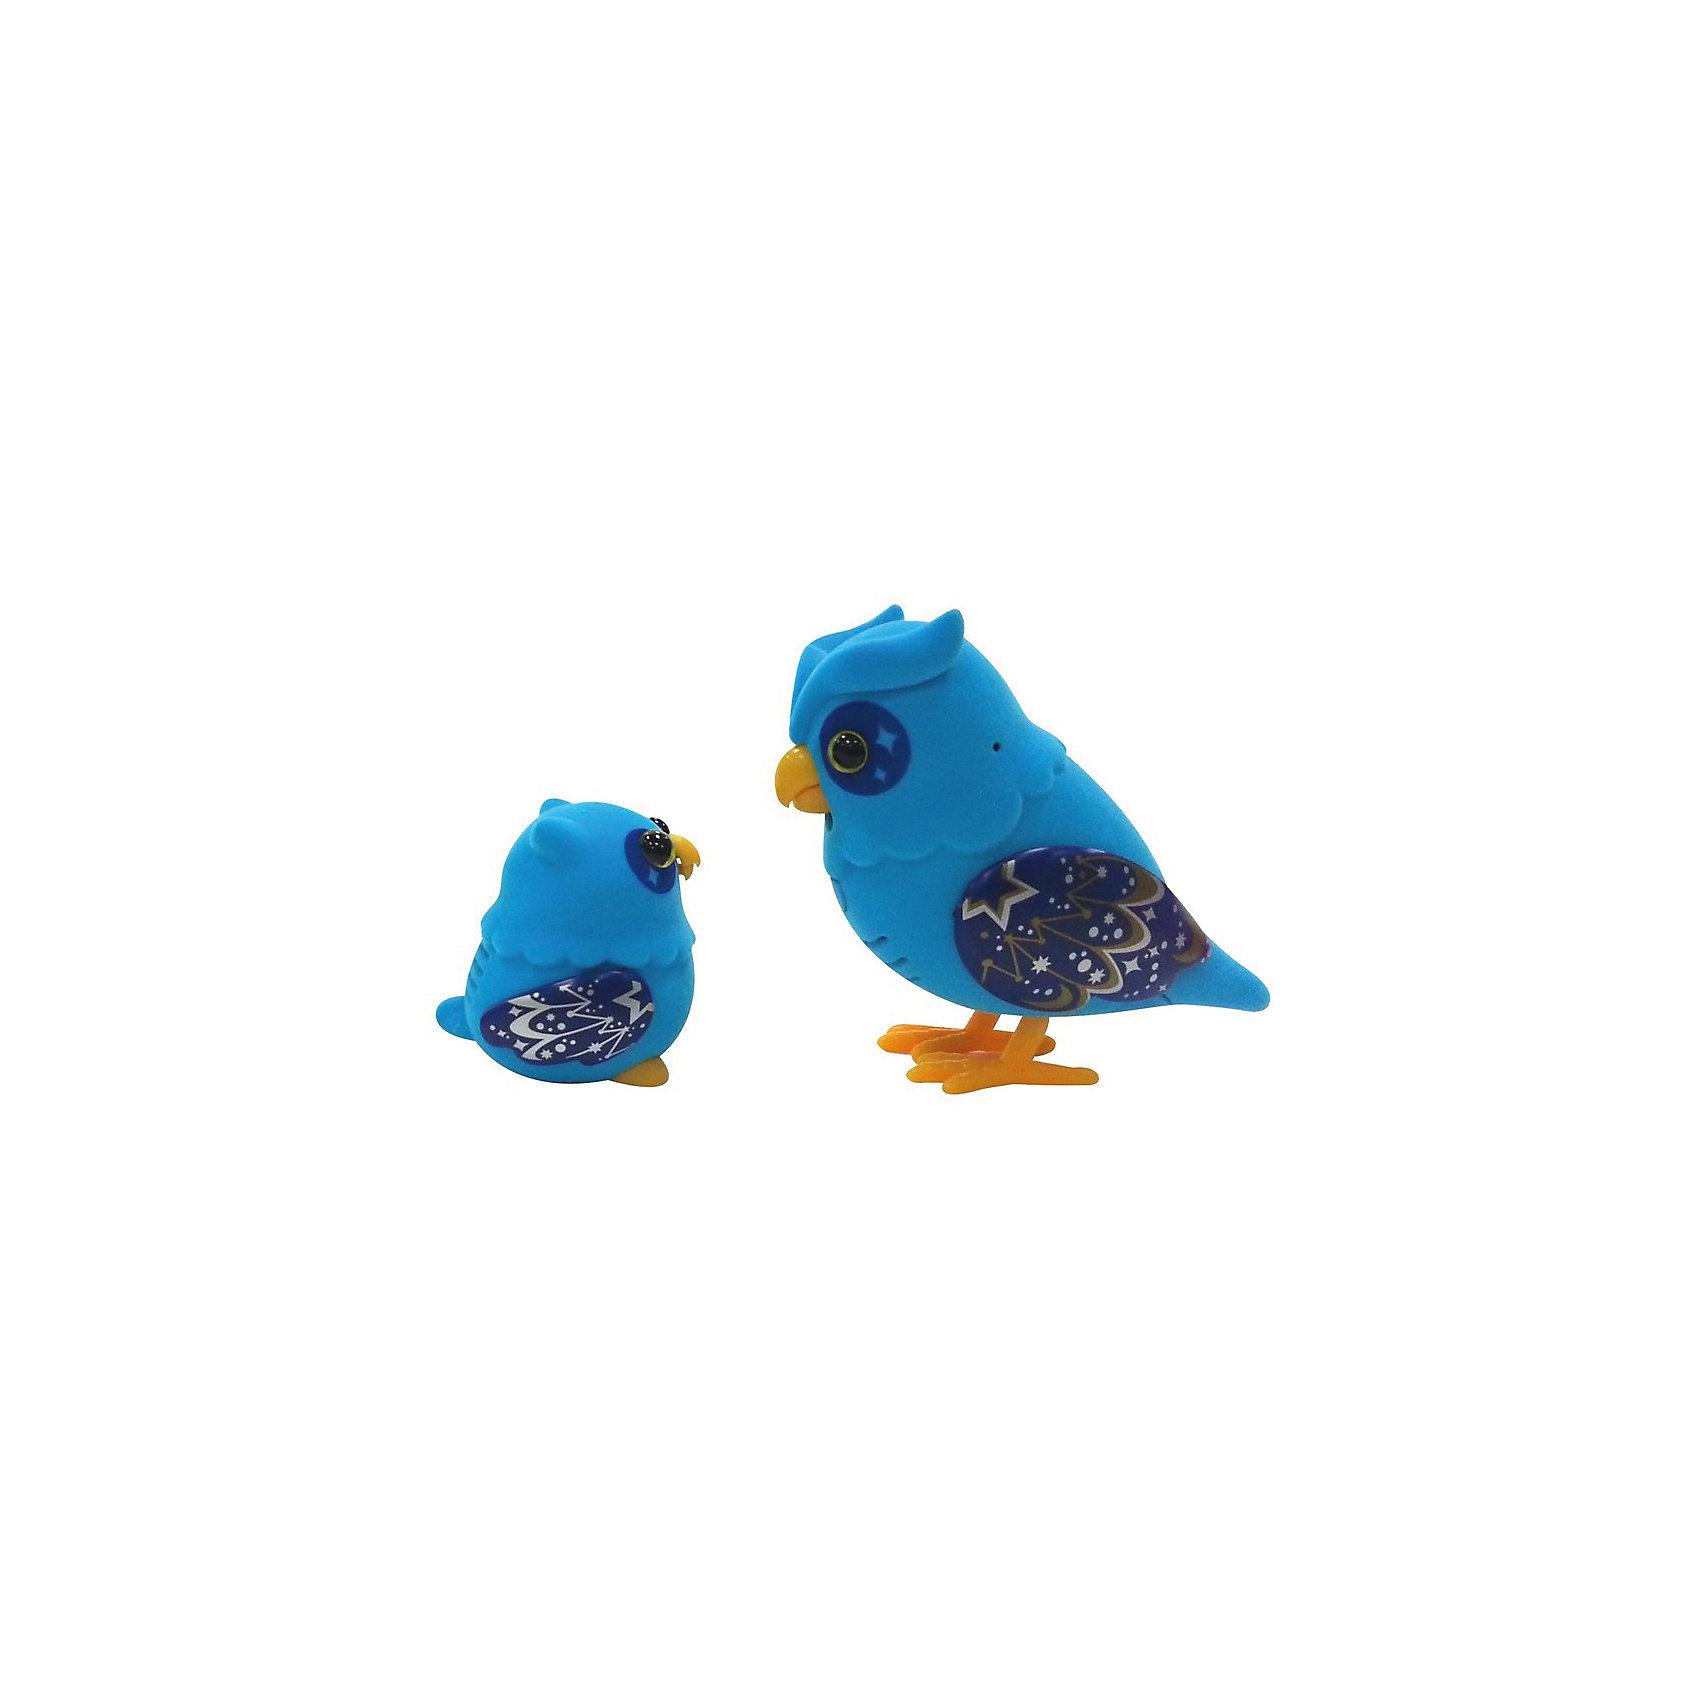 Говорящая Сова с Совенком Little Live Pets, голубые,  MooseГоворящая Сова с Совенком Little Live Pets, голубые,  Moose – эти интерактивные птички станут любимыми домашними питомцами вашего ребенка!<br>Набор Little Live Pets «Говорящая Сова с Совенком» от компании Moose состоит из 2 симпатичных птичек – мамы-совы и ее малыша. Веселые интерактивные птички выполнены в ярко-голубом цвете с темно-синими крылышками, на которые нанесен узор из звездочек, точек и линий. Игрушки изготовлены из пластмассы и флока - мягкого и приятного на ощупь материала, которым покрыто тельце птичек. Забавный совенок и его мама реагируют на прикосновения и любят общаться друг с другом. Чтобы включить их, достаточно провести по совиному животику пальцем или погладить птенца по голове. Во время разговора и щебетания у совушек двигается нижняя часть клювика. Мама-сова может издавать тридцать мелодичных звуков, а также повторять сказанные ребенком фразы. Для записи необходимо использовать кнопку, которая расположена на груди мамы-совы. Впереди у каждой игрушки есть кнопка, при помощи которой можно ее включить или выключить. Изготовлено из материалов абсолютно безопасных для детского здоровья.<br><br>Дополнительная информация:<br><br>- В комплекте: 2 интерактивные птички<br>- Материал: высококачественный пластик, флок<br>- Батарейки: 2 типа АА (демонстрационные входят в комплект)<br>- Не рекомендуется использовать для игрушек аккумуляторы<br>- Размер упаковки: 22,9x7x22 см.<br><br>Говорящих Сову с Совенком Little Live Pets, голубых,  Moose можно купить в нашем интернет-магазине.<br><br>Ширина мм: 220<br>Глубина мм: 70<br>Высота мм: 220<br>Вес г: 420<br>Возраст от месяцев: 60<br>Возраст до месяцев: 168<br>Пол: Унисекс<br>Возраст: Детский<br>SKU: 4043578